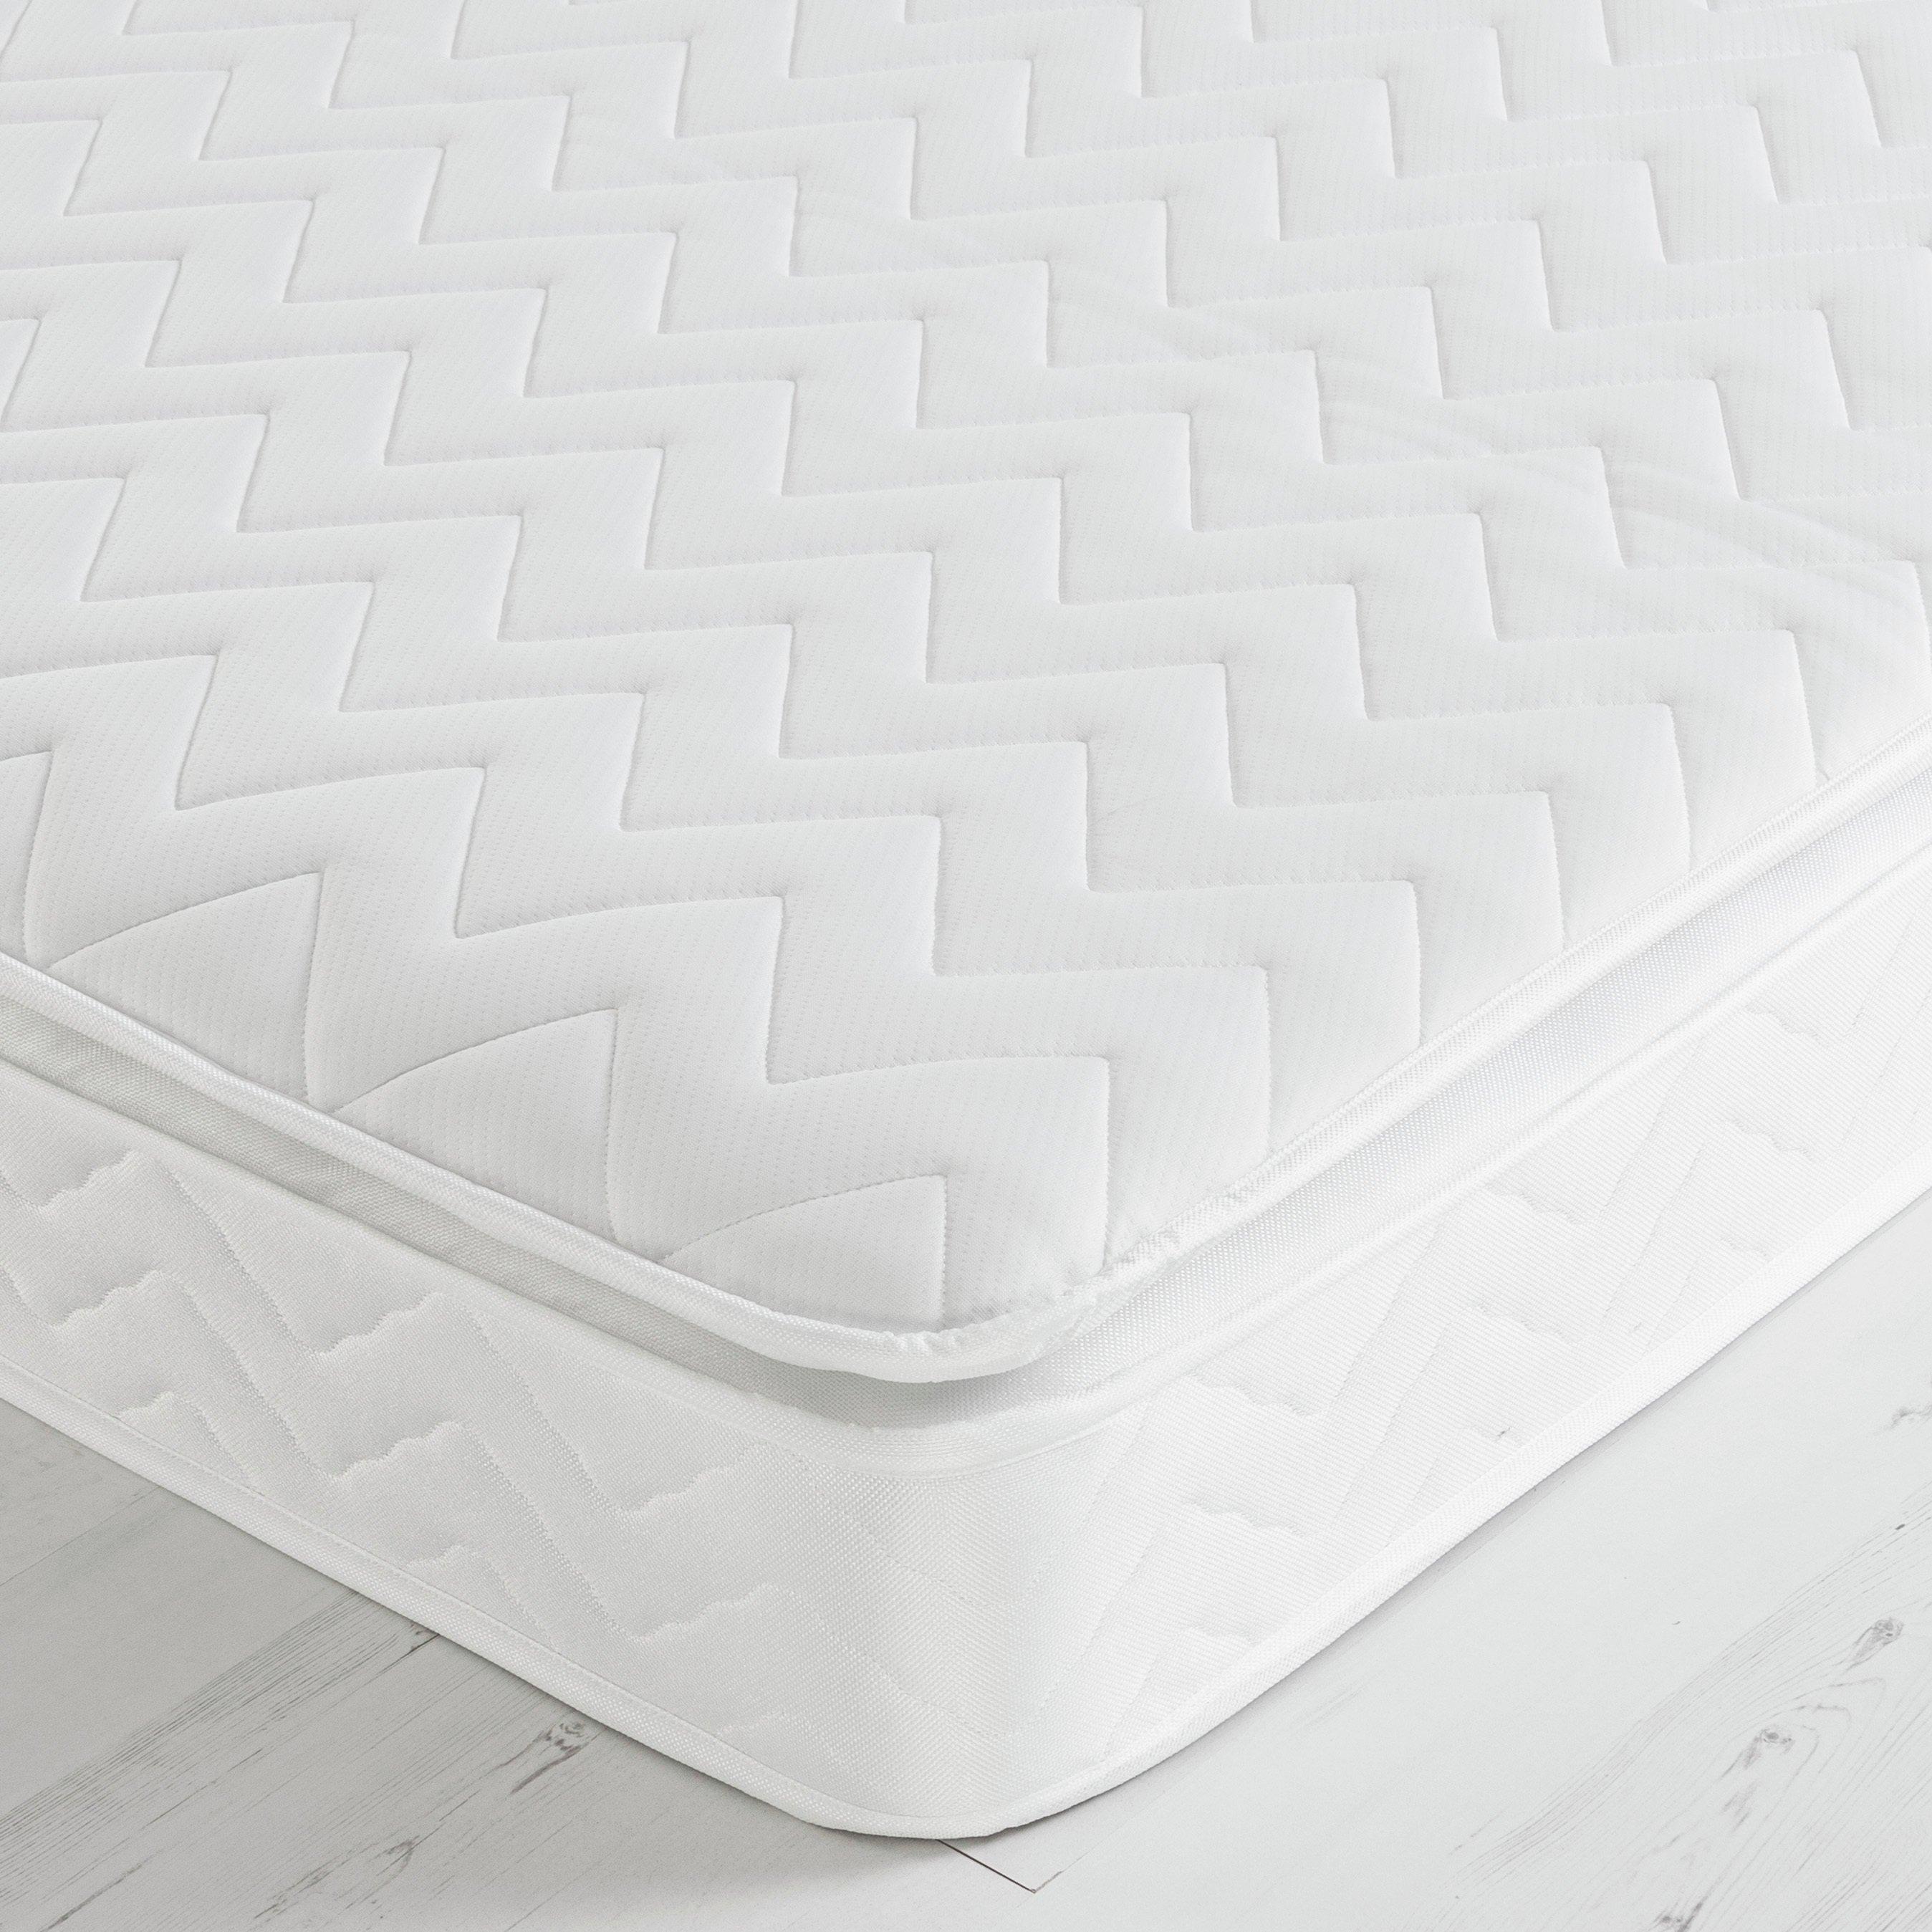 Image of Airsprung Sleepwalk Sprung Pillowtop Mattress - Double